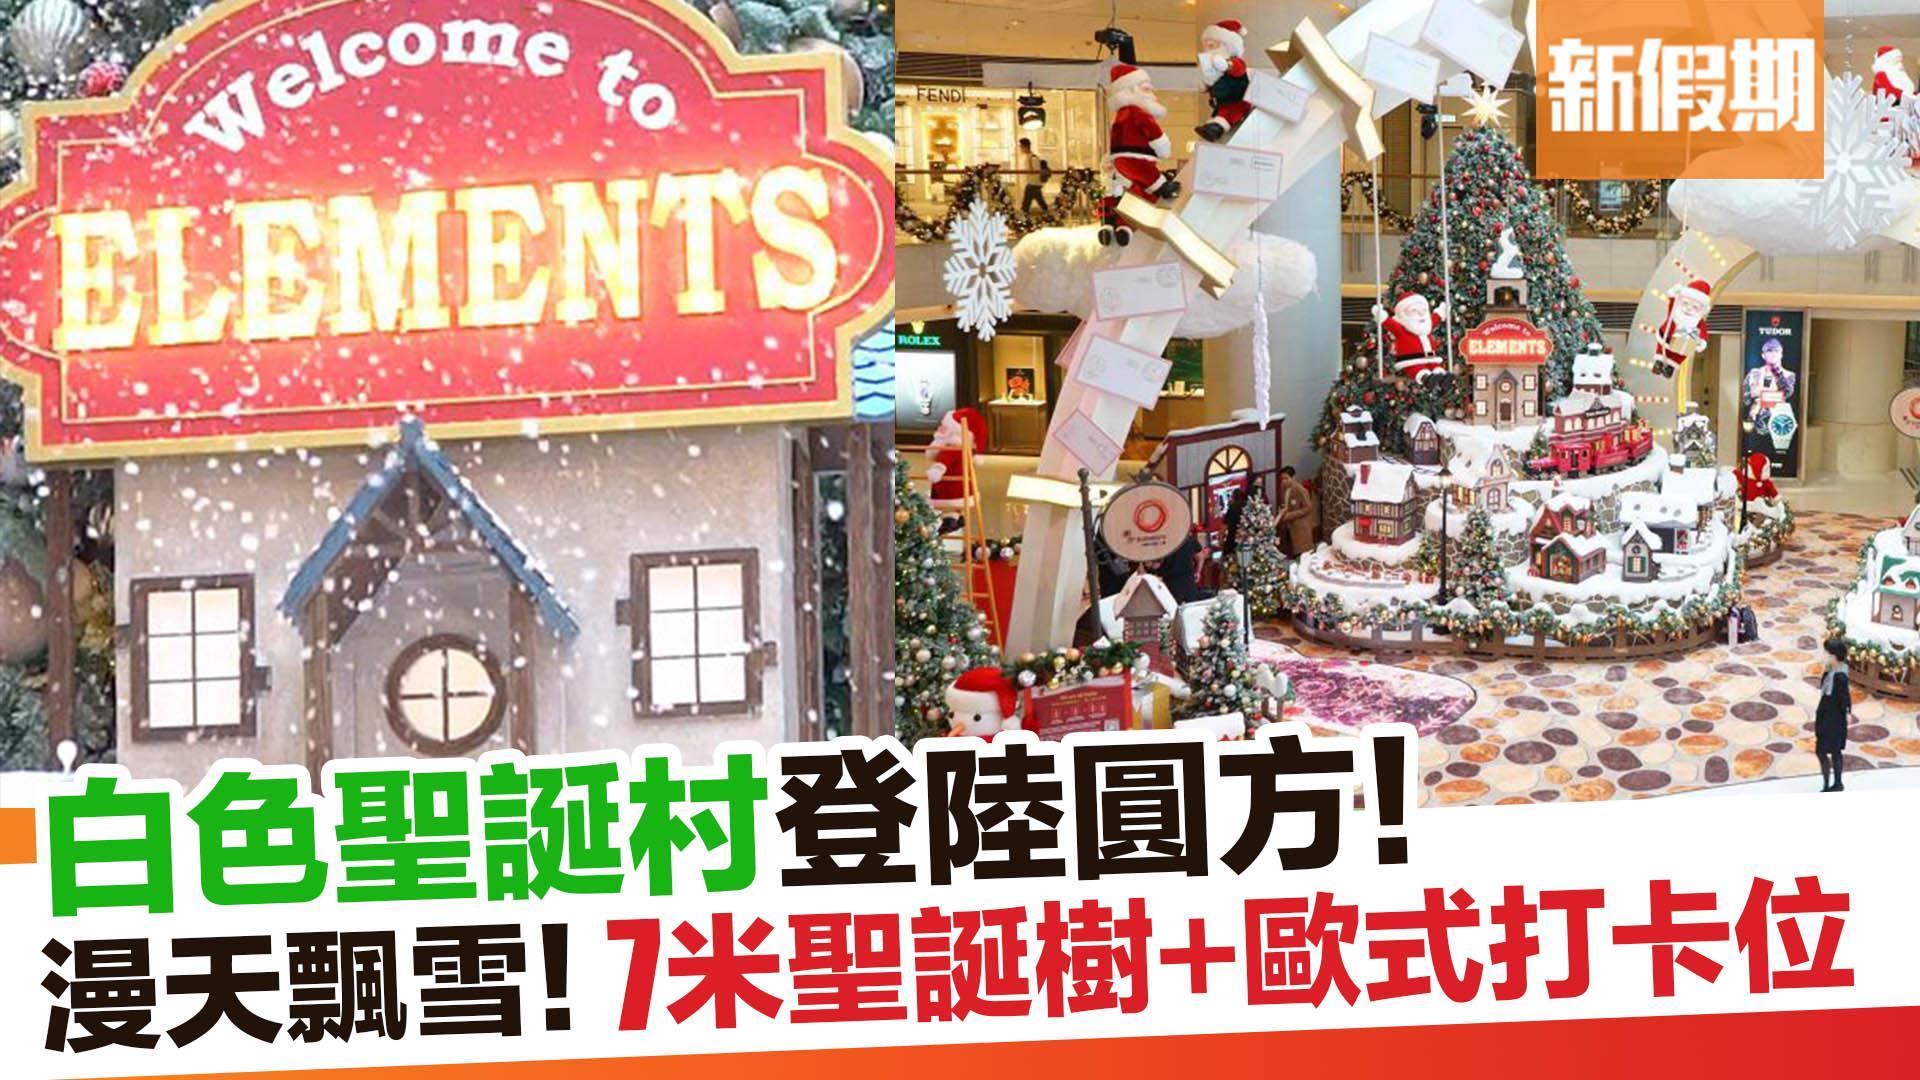 【香港好去處】白色聖誕村莊登陸圓方ELEMENTS! 新假期